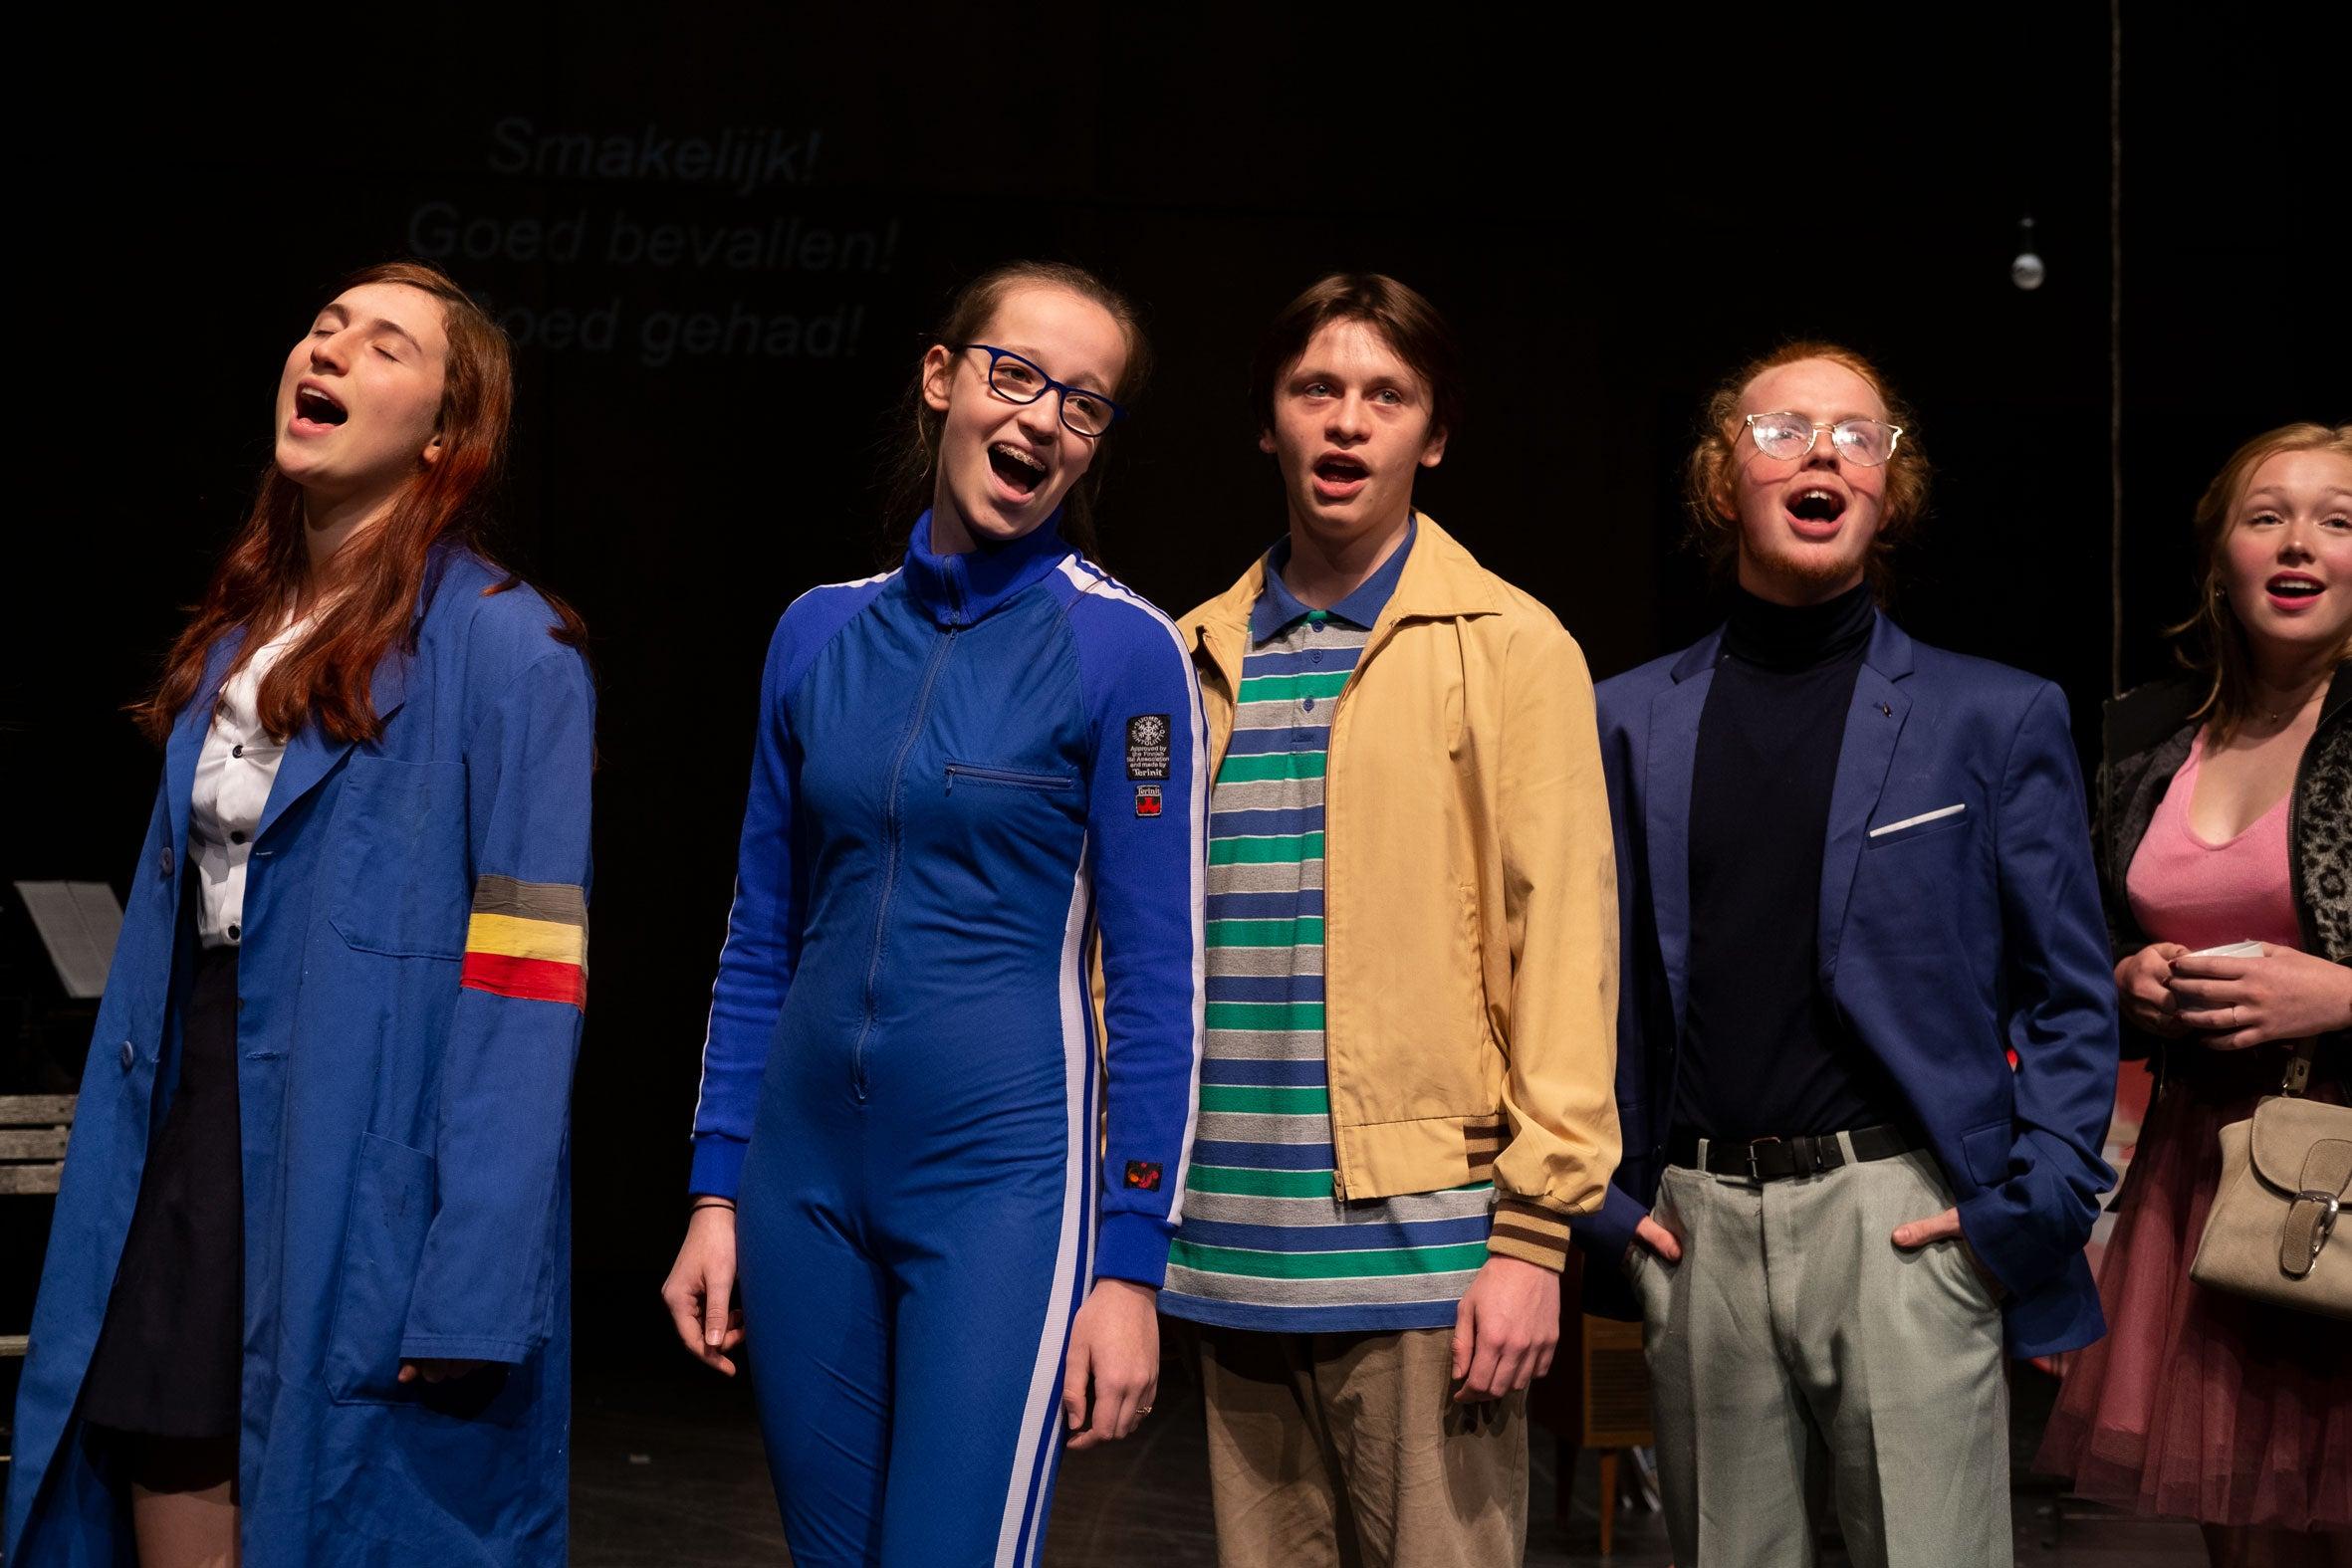 Het lijkt wel een Chorus Line. Meinse Verhulst, Rune Mertens, Rob Wouters, Zias Op 'T Eynde, Emilie Graff